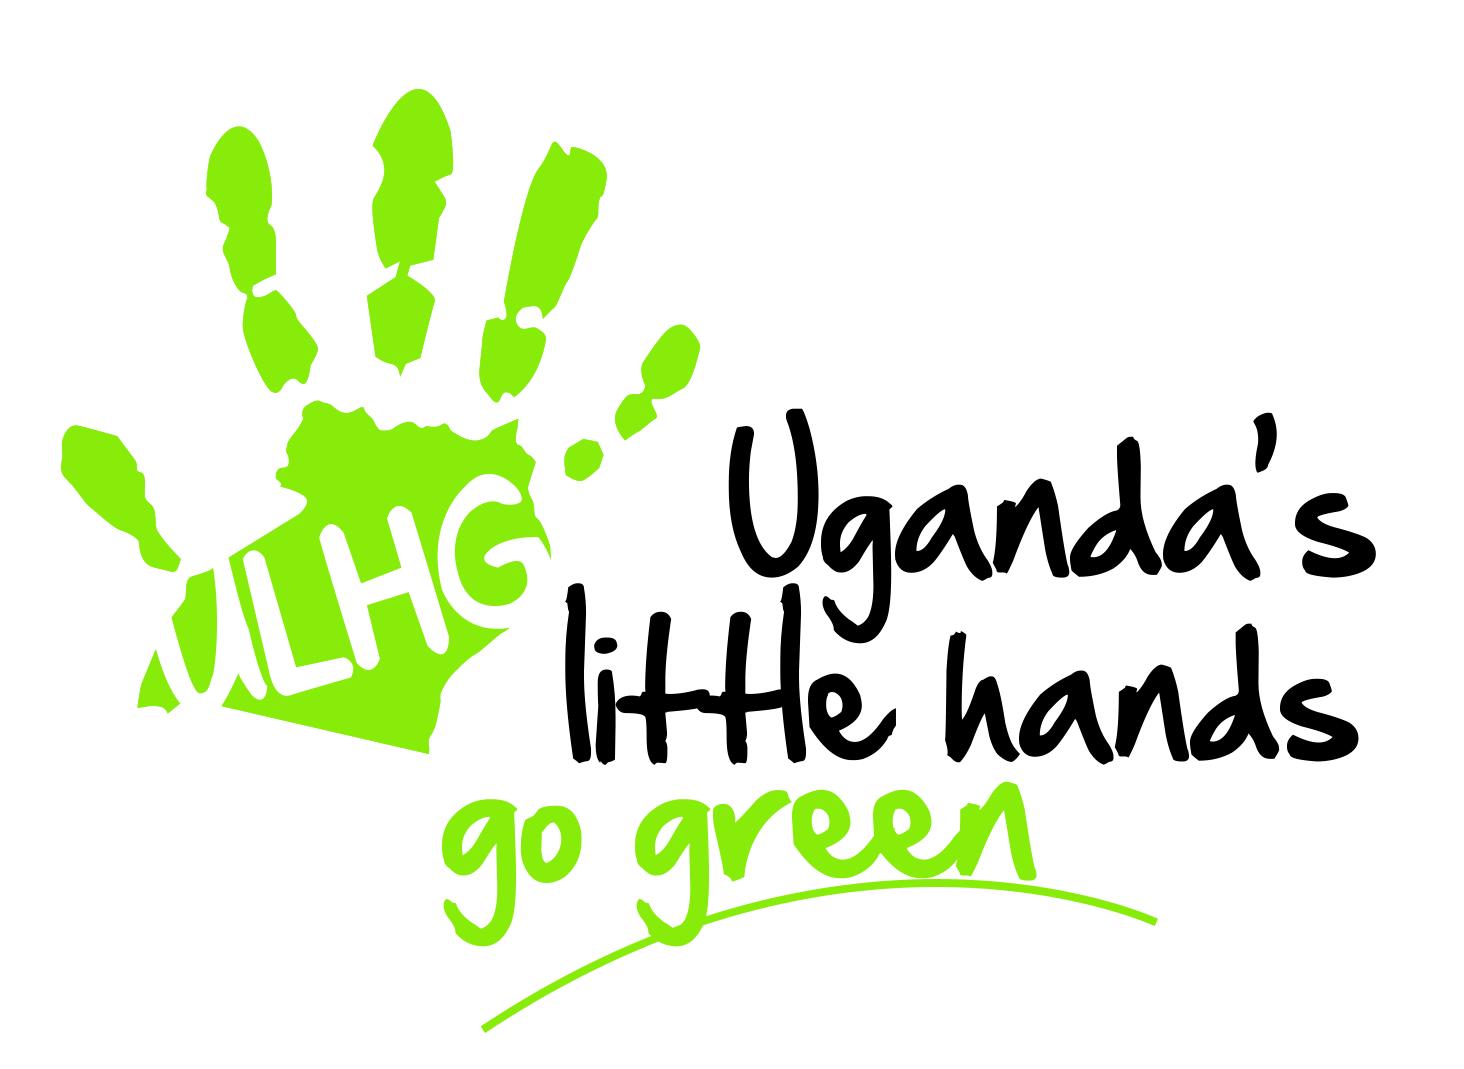 UGANDA'S LITTLE HANDS ON VOA - Little Hands Go Green